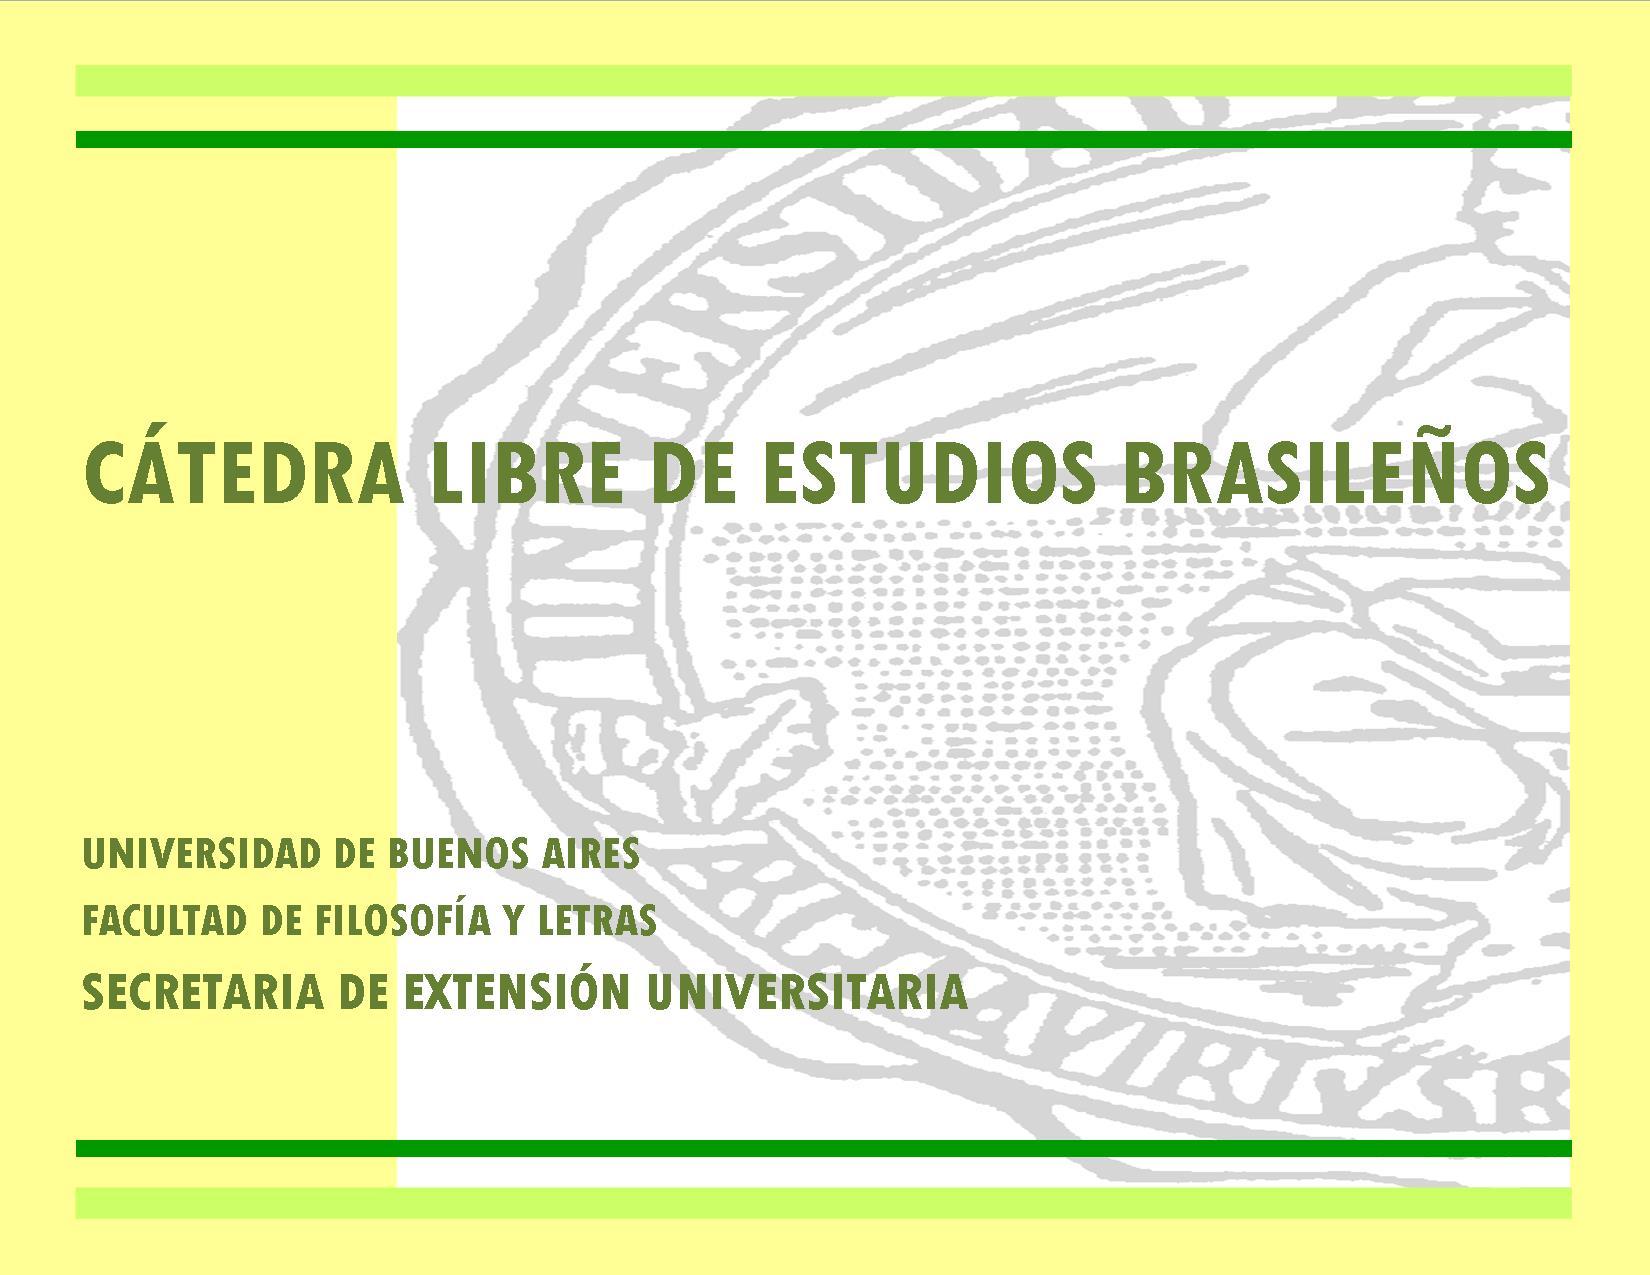 20 años divulgando la cultura de Brasil en Argentina